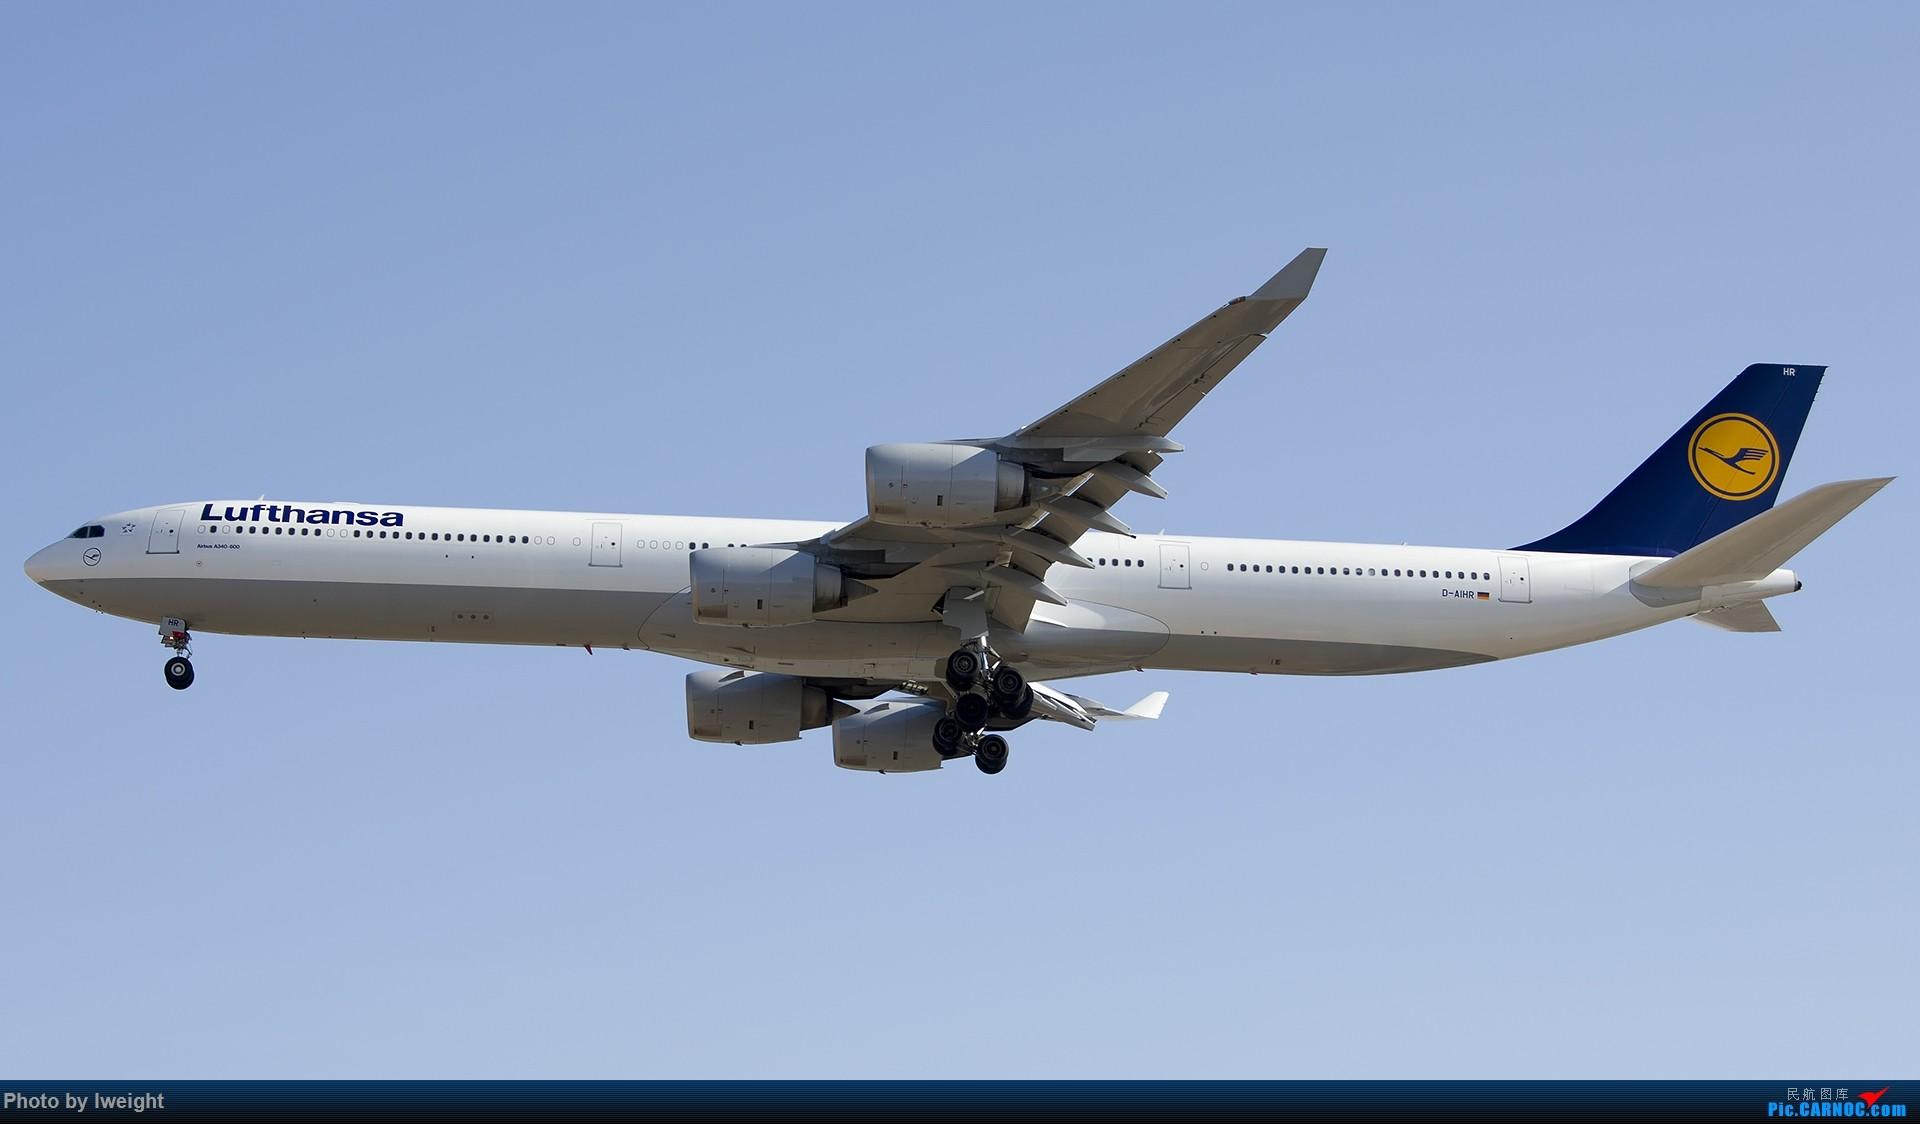 Re:[原创]2014-12-06 PEK天气由好变坏的直接体验 AIRBUS A340-600 D-AIHR 中国北京首都国际机场